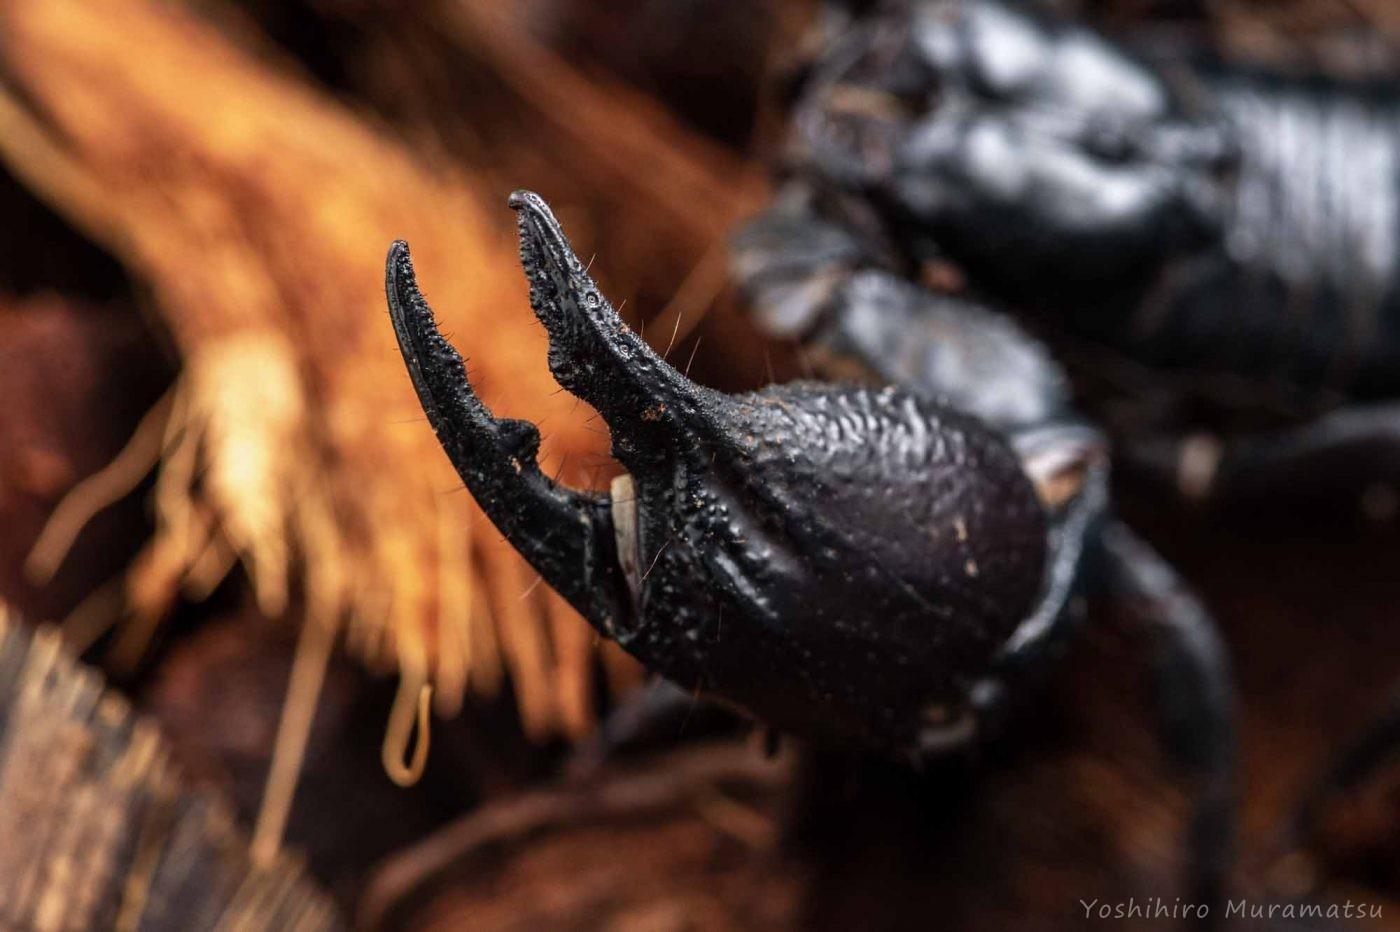 アジアンフォレストスコーピオン(チャグロサソリ)の写真